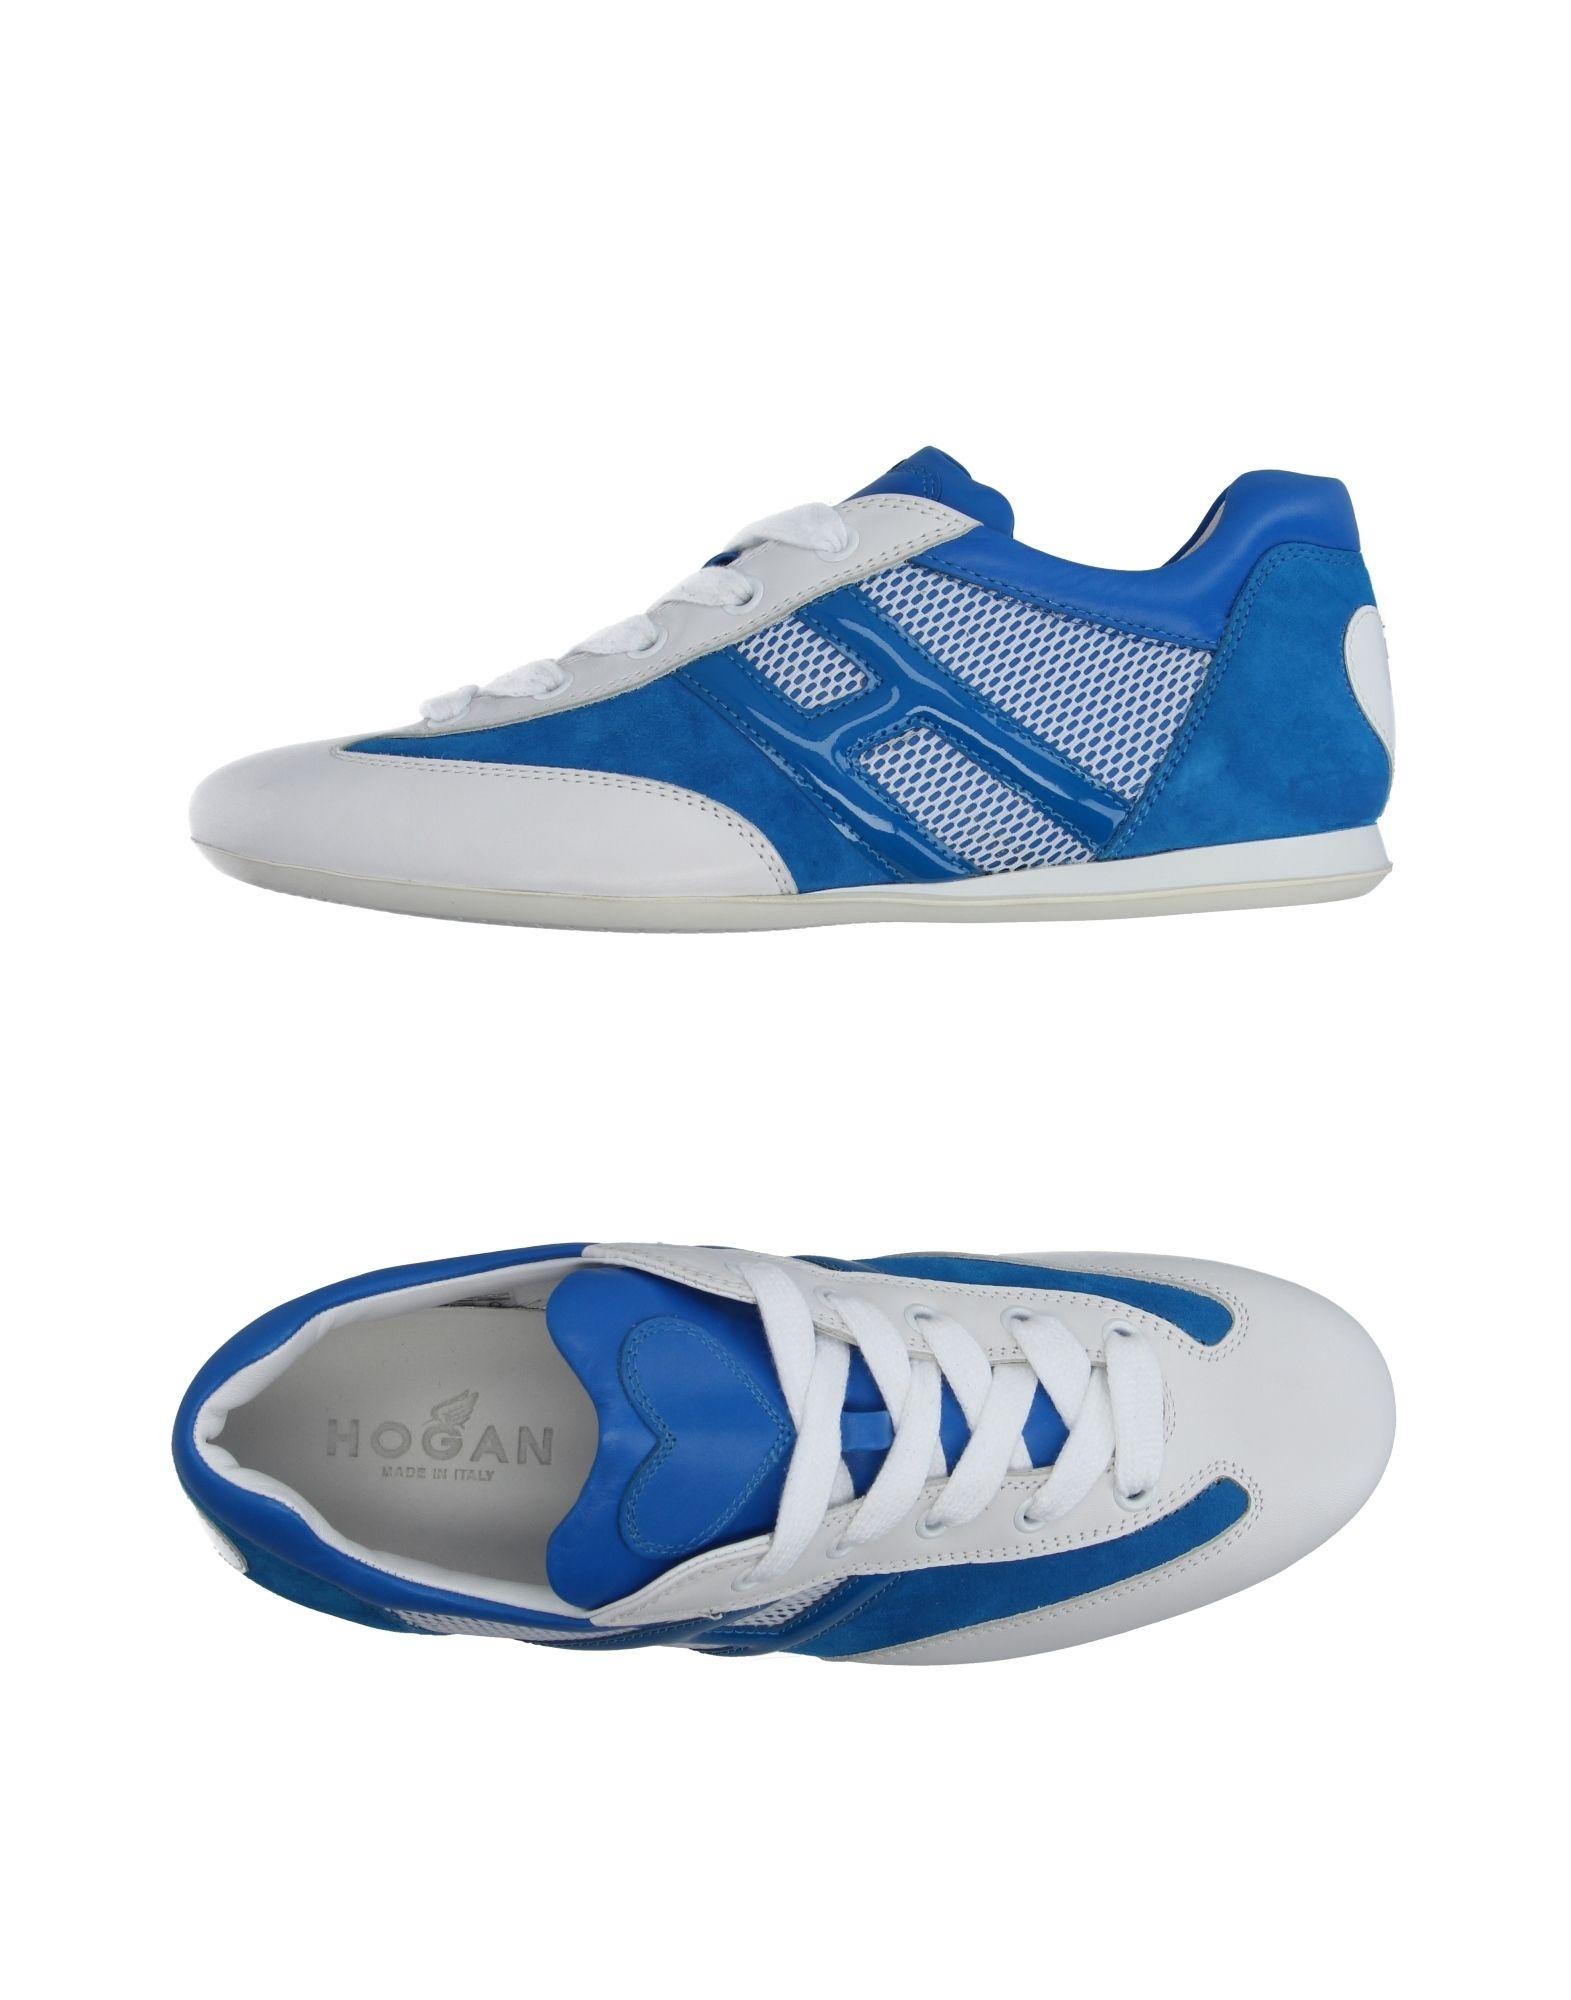 Hogan Sneakers Damen Damen Sneakers  11175561PH 7bb672